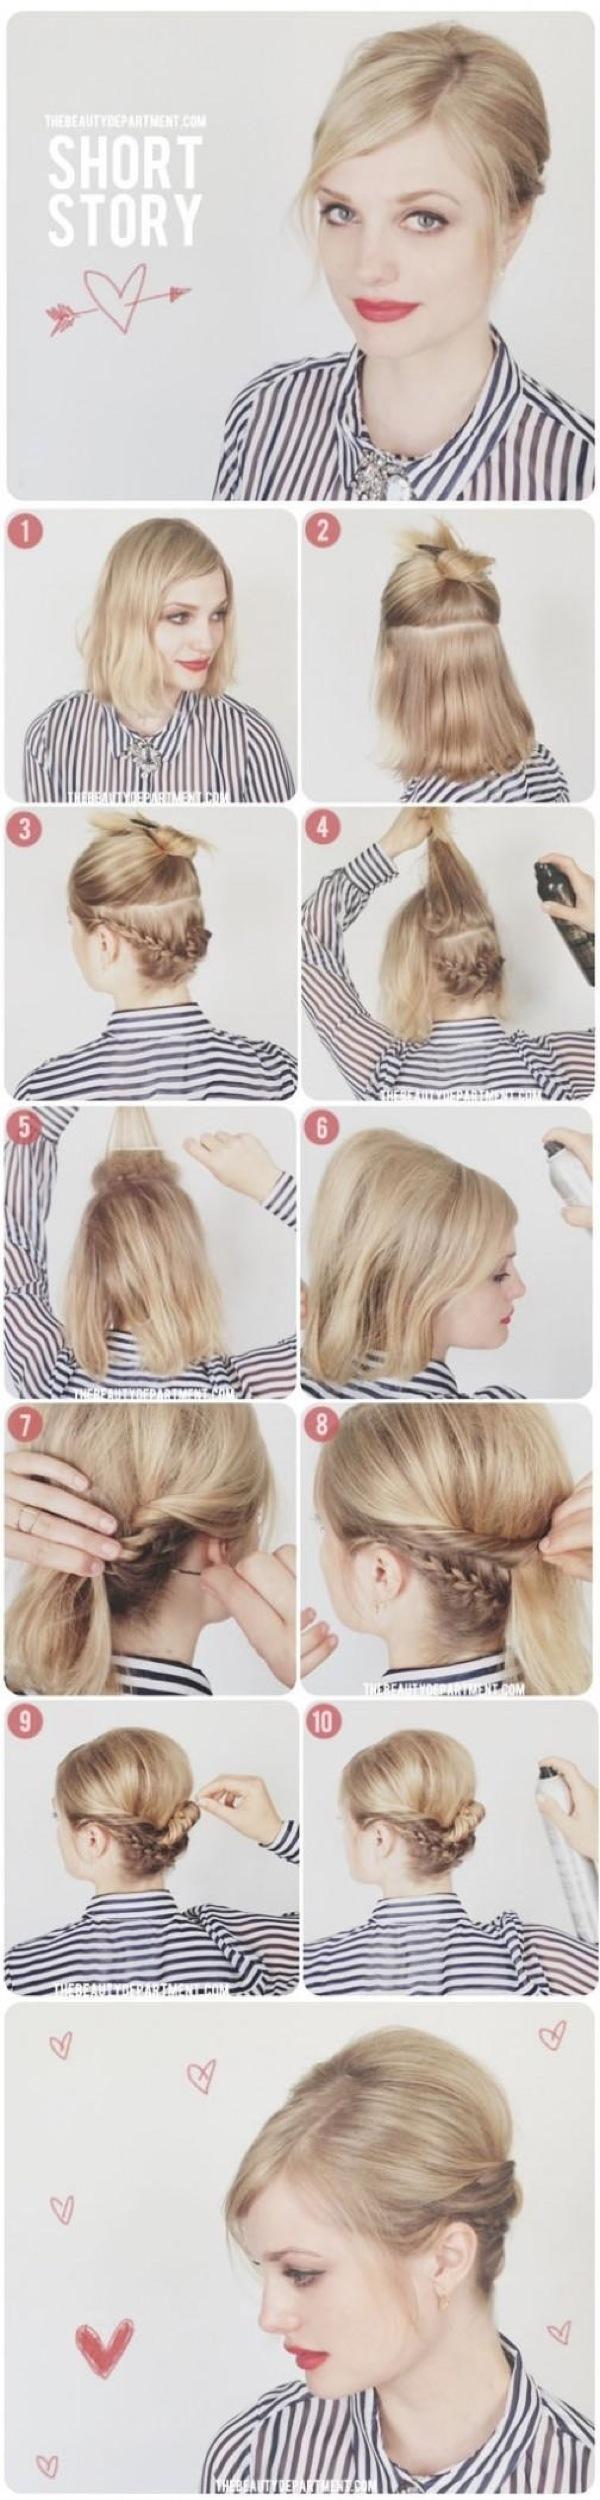 Прически на короткие волосы - iVolos.ru